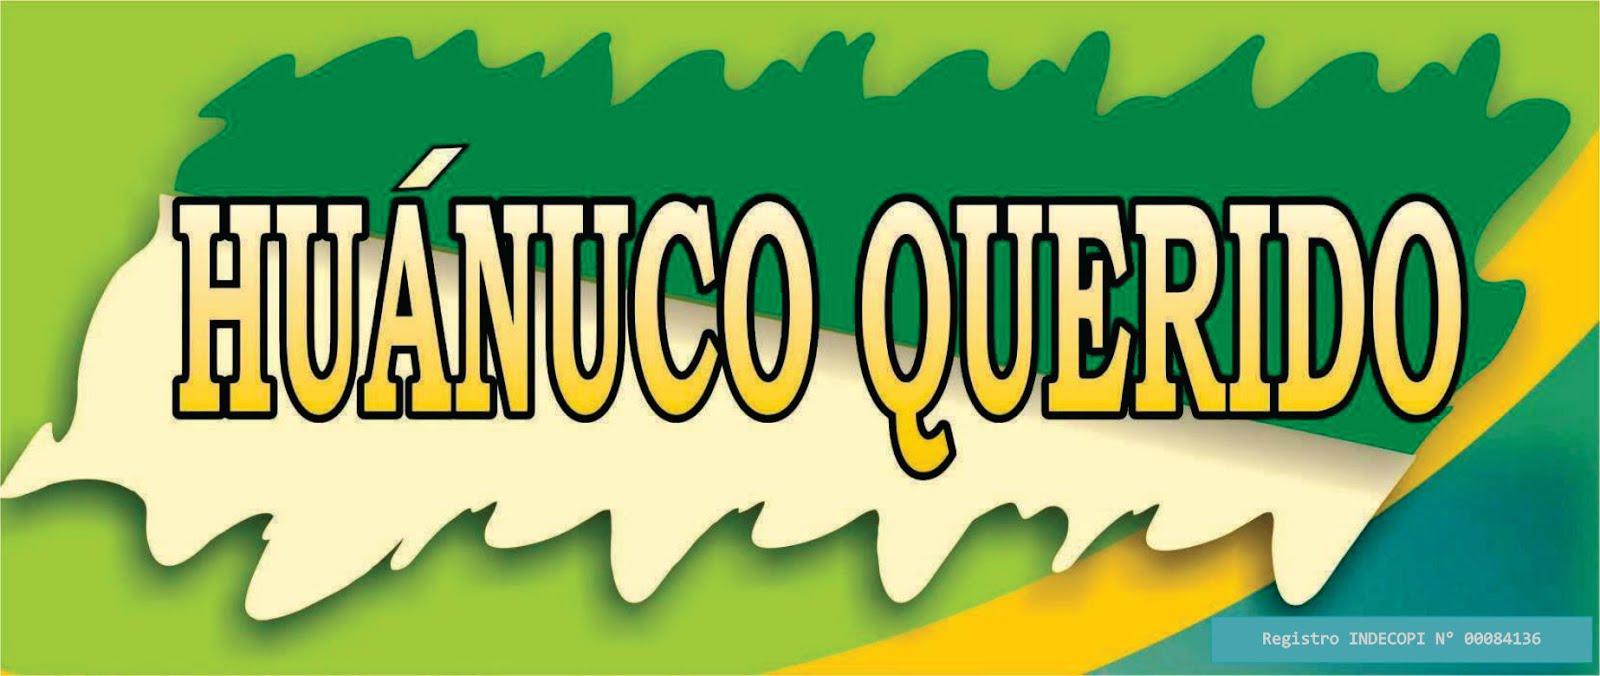 HUÁNUCO QUERIDO - Síguenos en Facebook